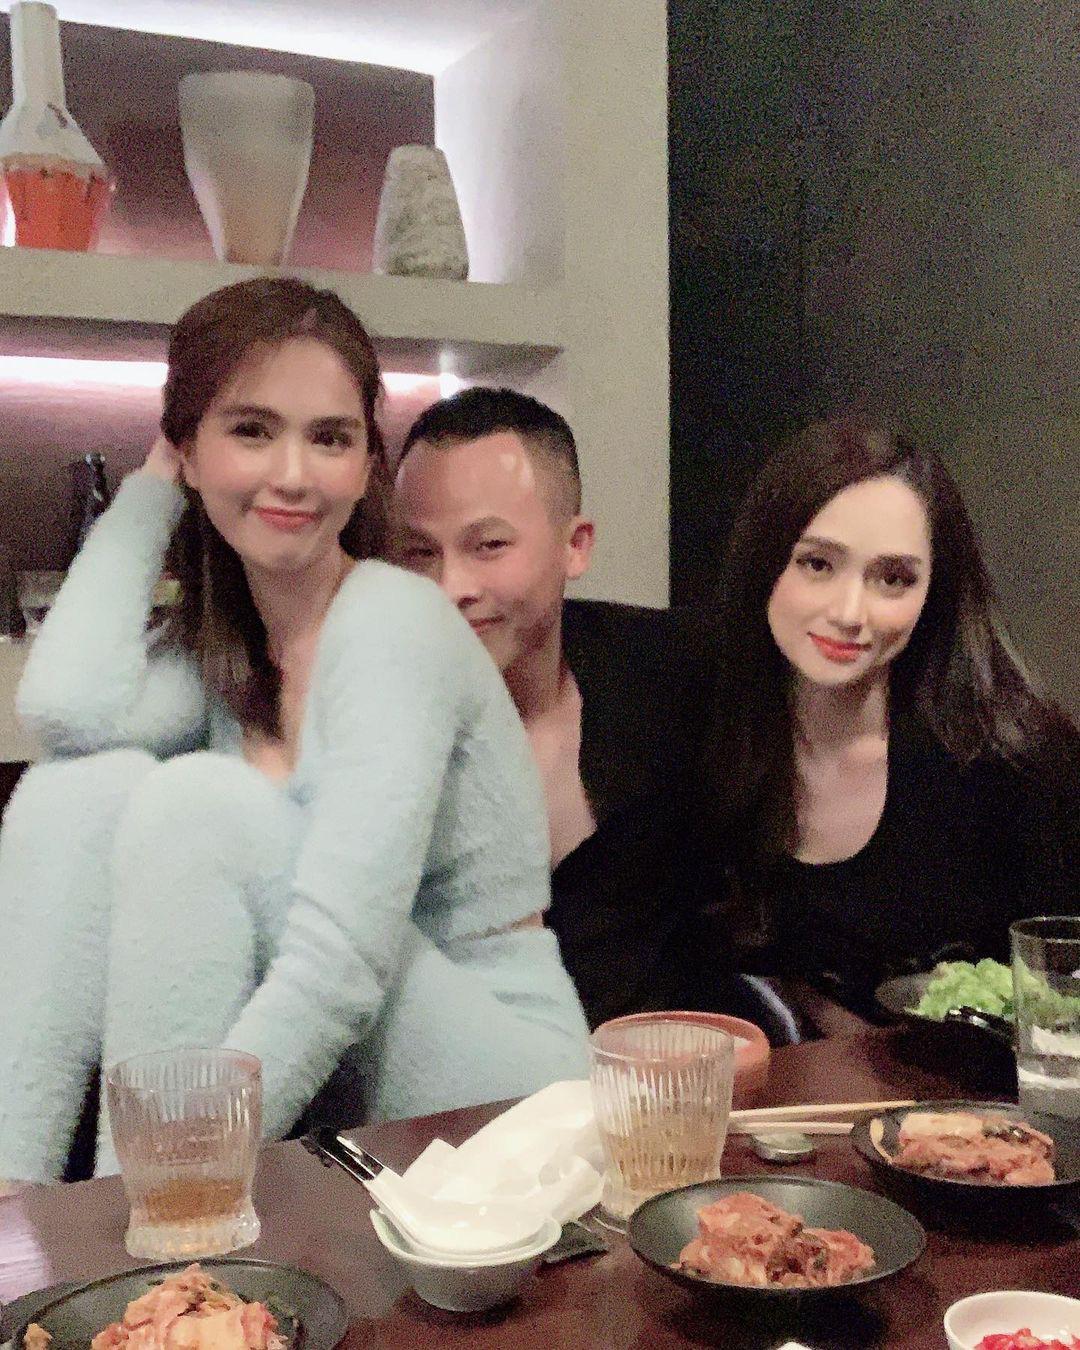 Kỳ Duyên hoài niệm về khoảnh khắc đăng quang Hoa hậu Việt Nam 2014, Trần Tiểu Vy bồi hồi xúc động - Ảnh 10.